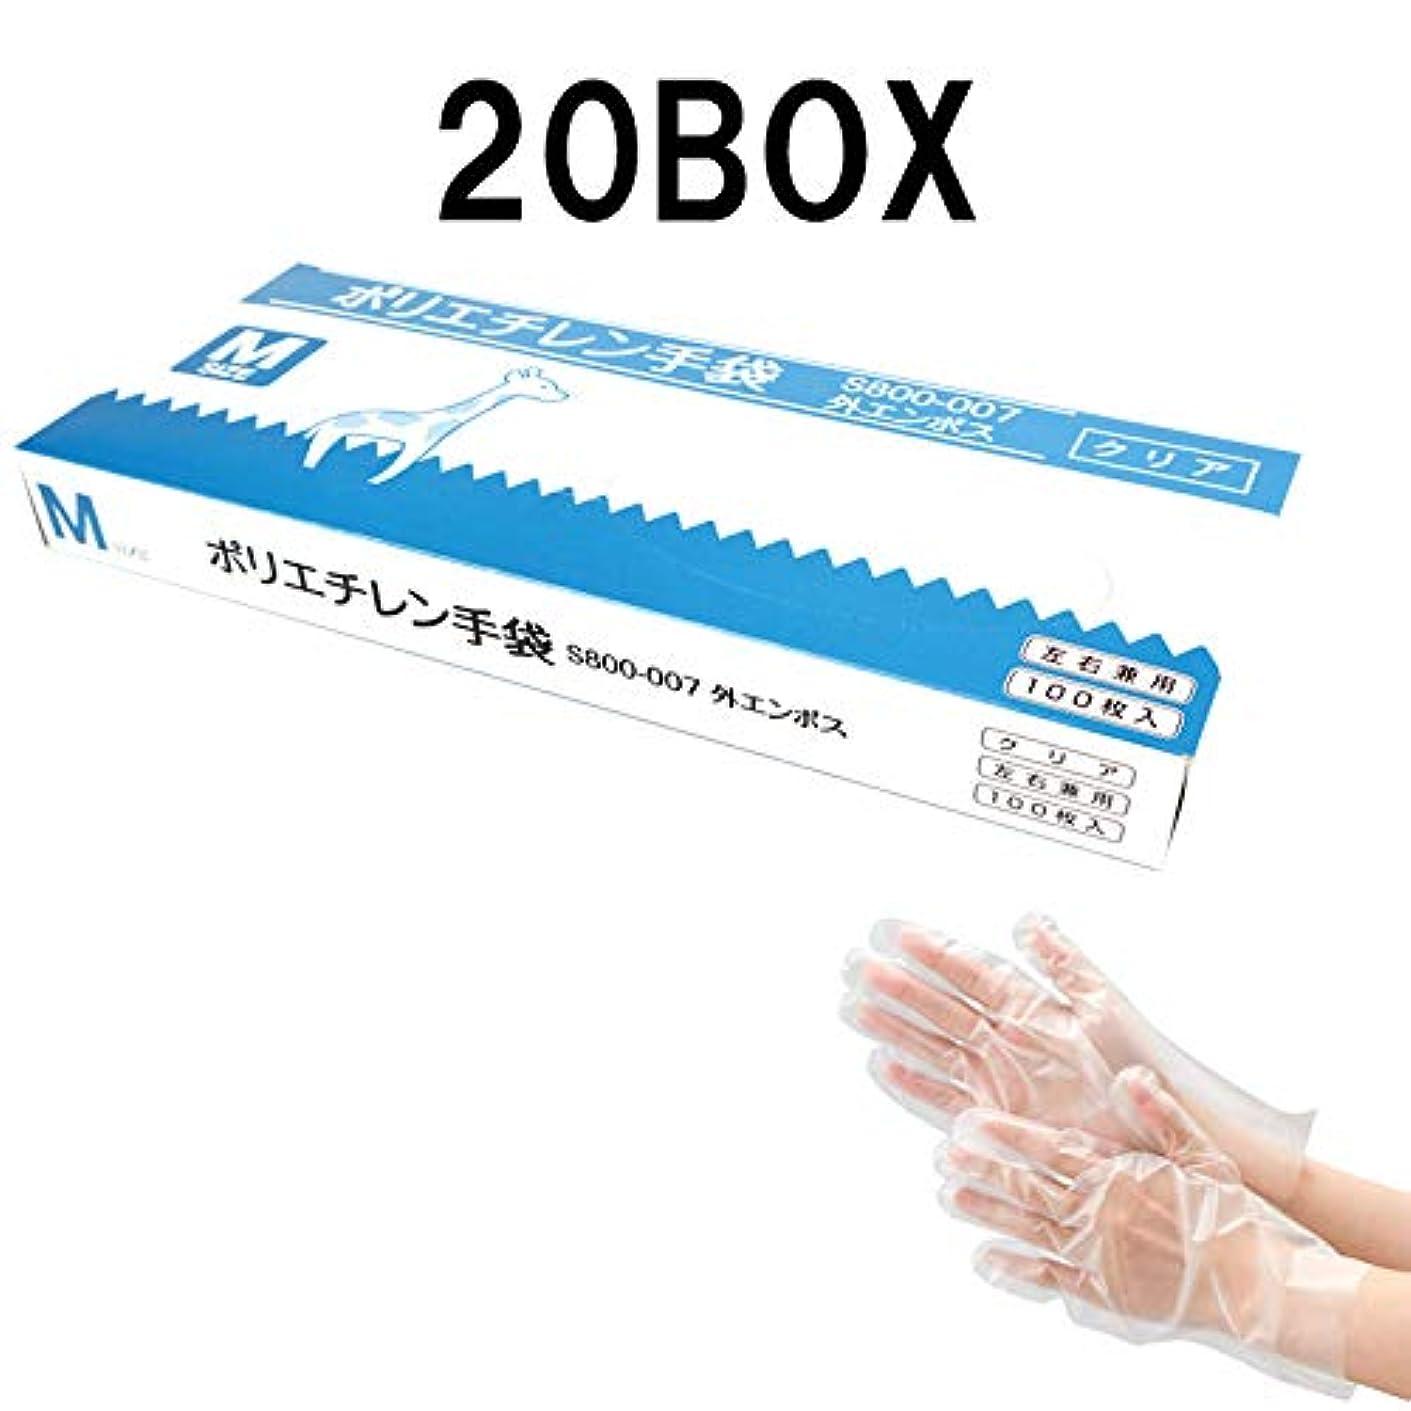 獣湿地損傷(2000枚) 使い捨て ポリエチレン手袋 Mサイズ 100枚入り×20BOX クリア色 左右兼用 外エンボス 食品衛生法適合品